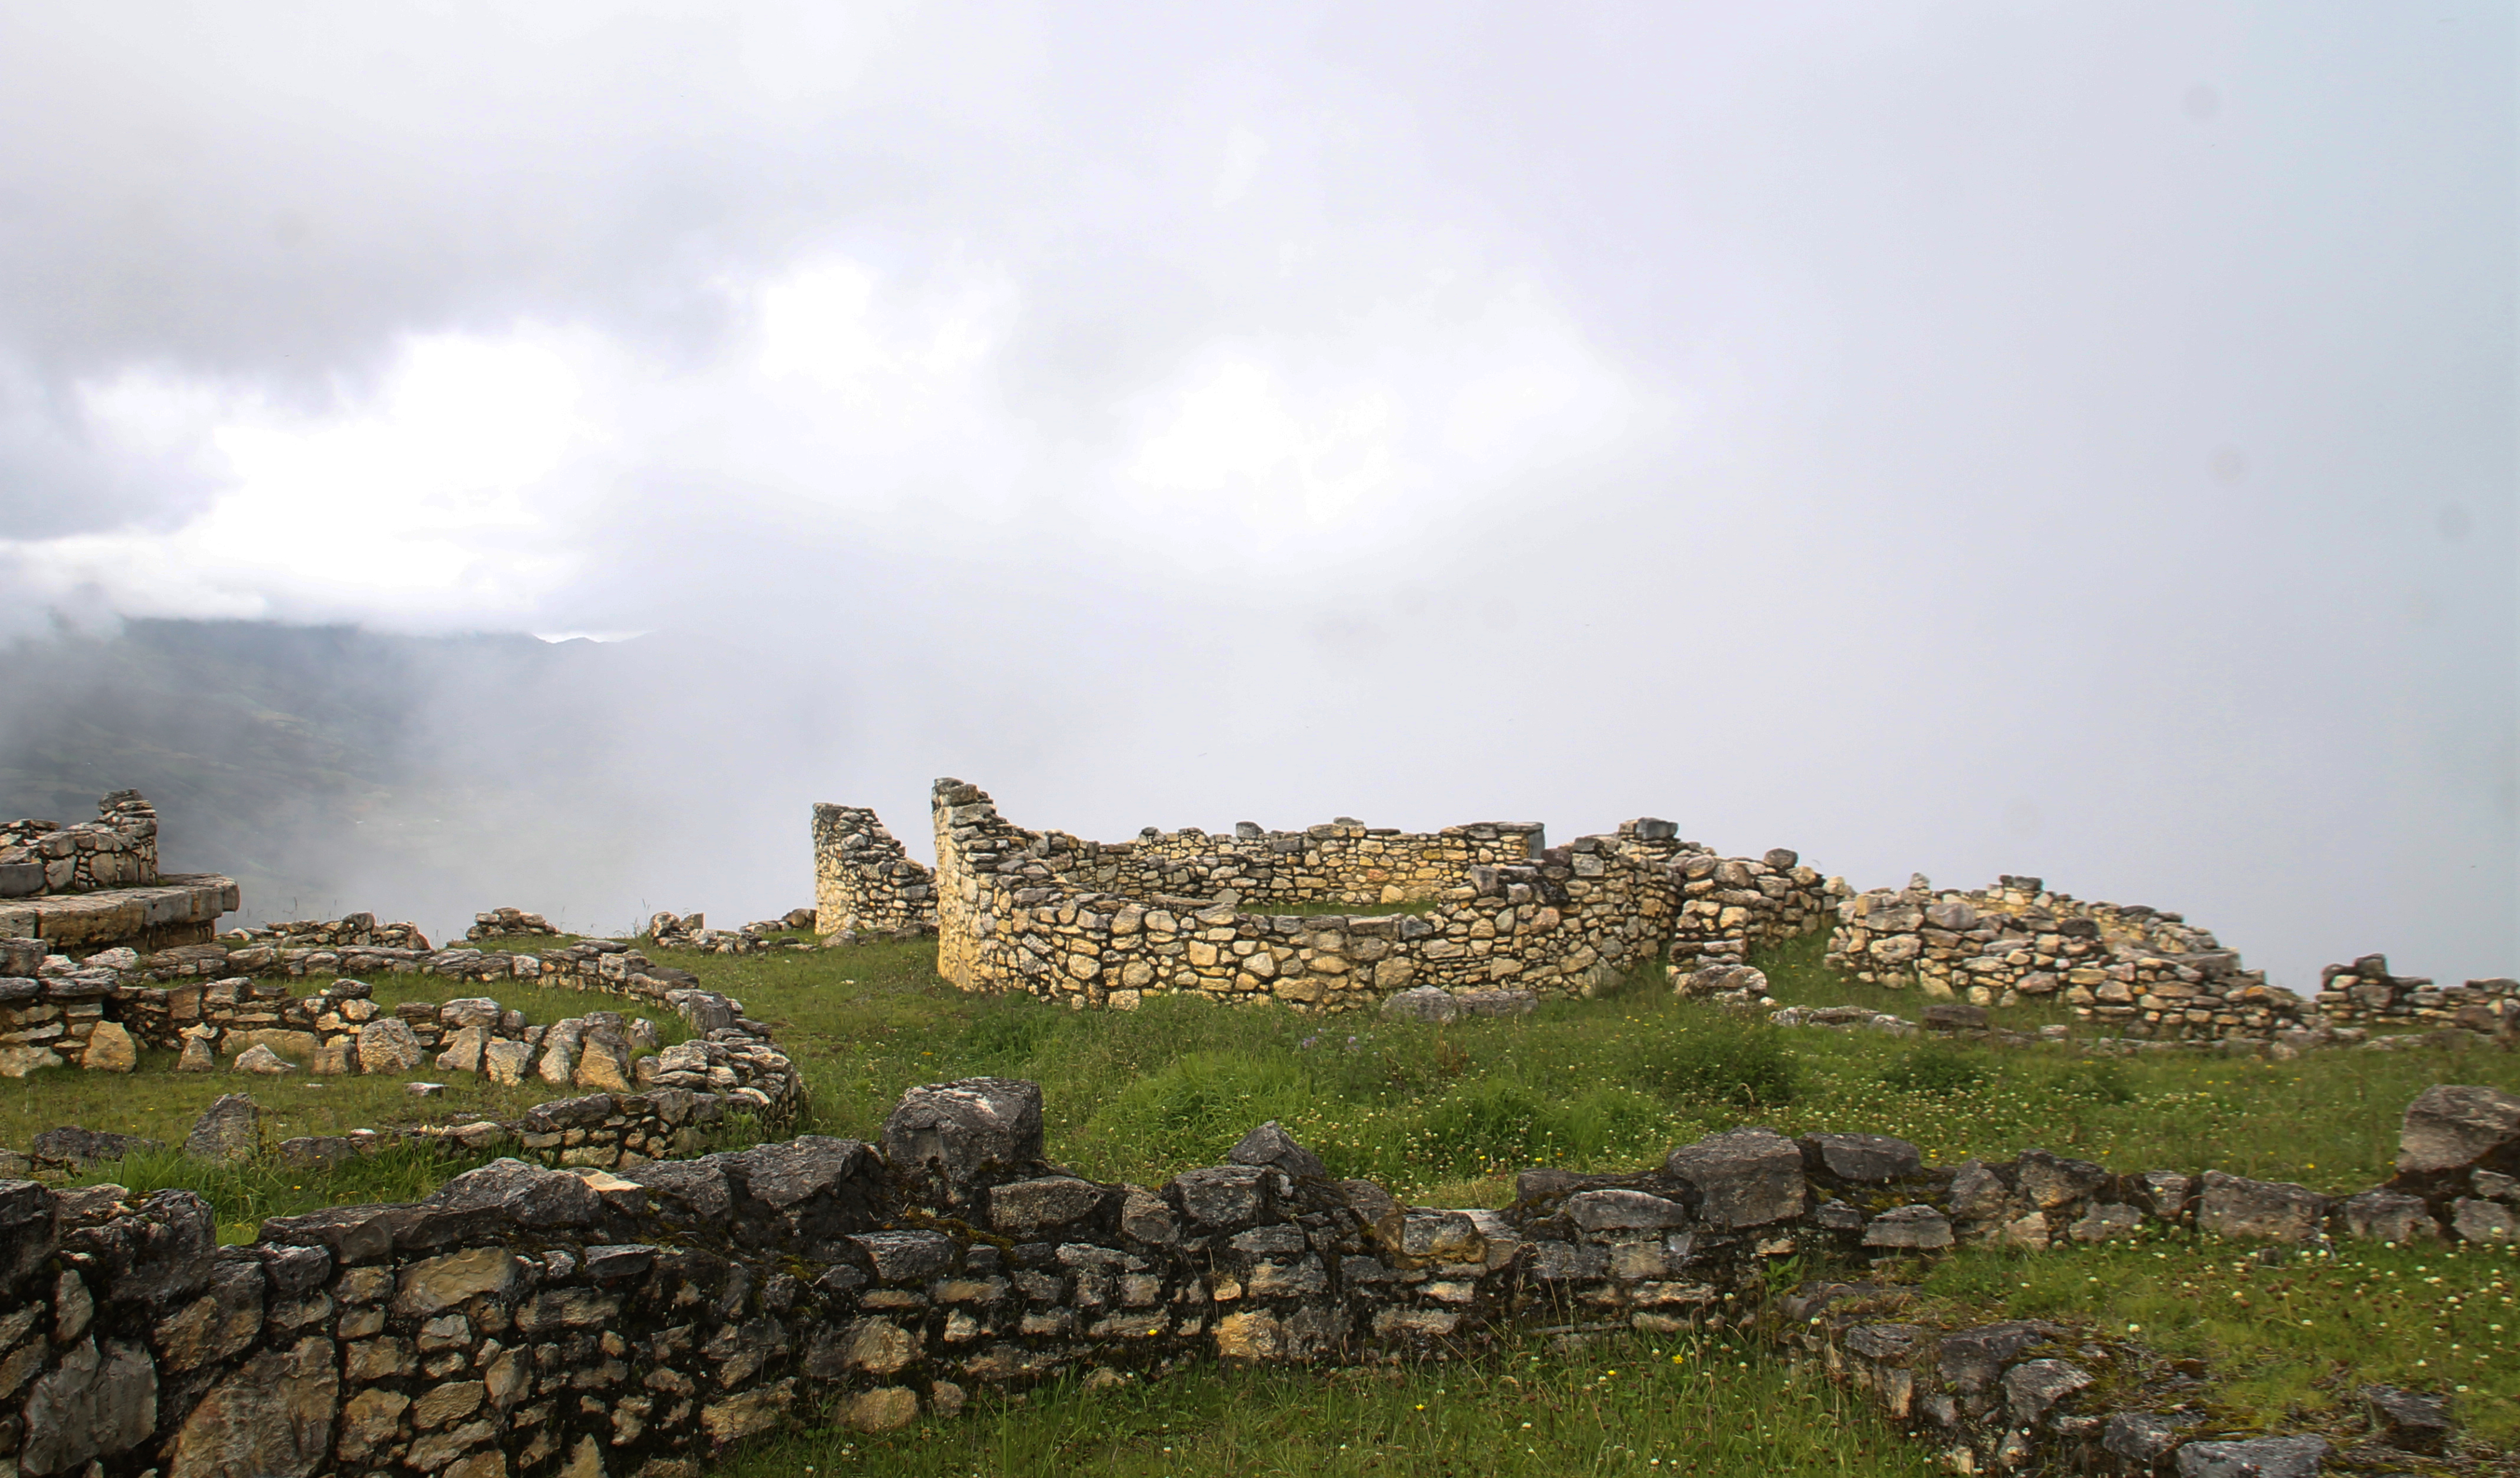 Über den Wolken: Die Ruinen der Chachapoya-Festung Kuelap